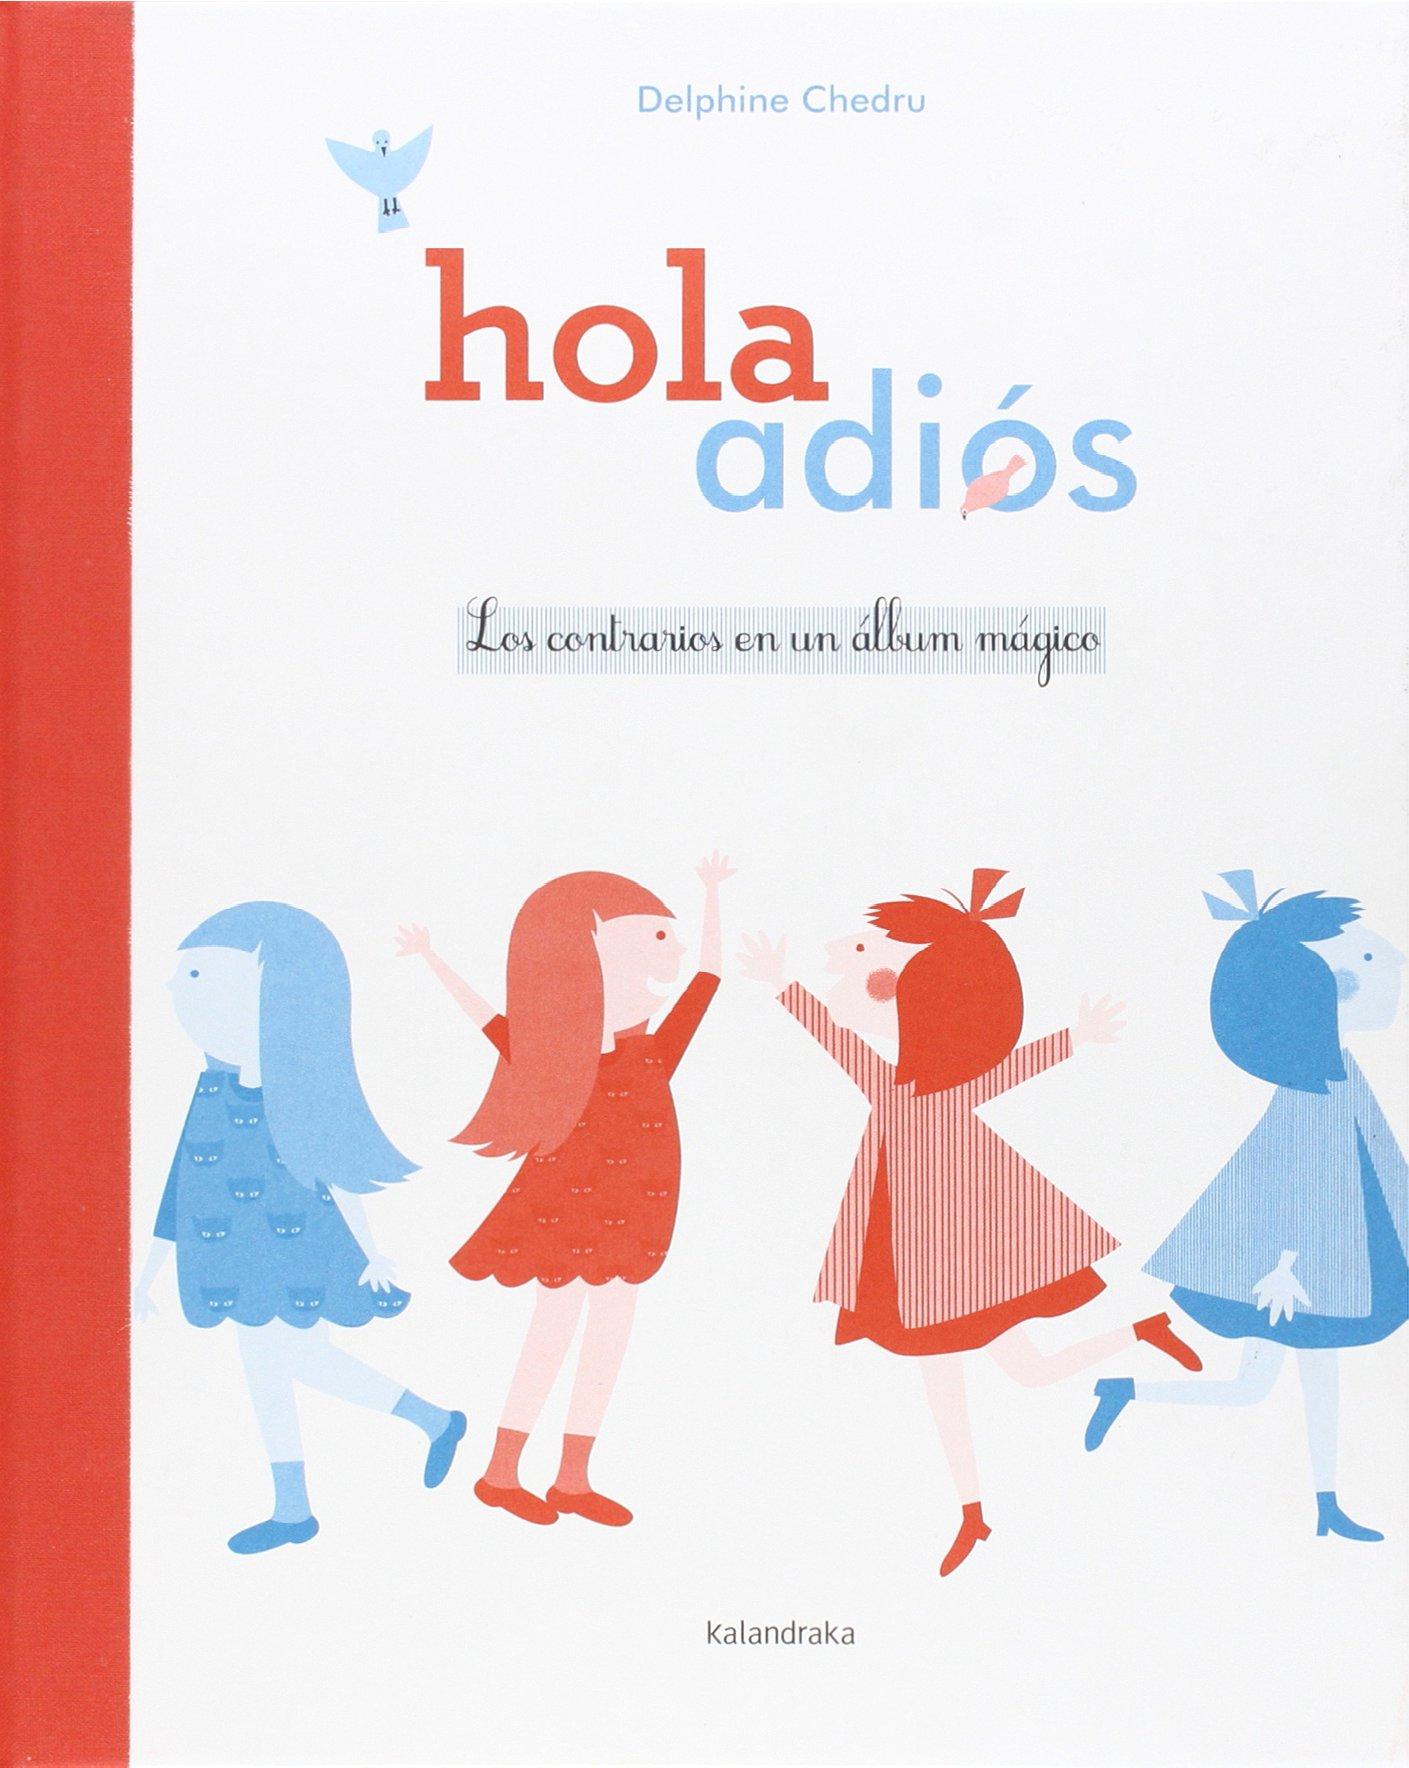 HOLA ADIOS LOS CONTRARIOS EN UN ALBUM MAGICO PDF